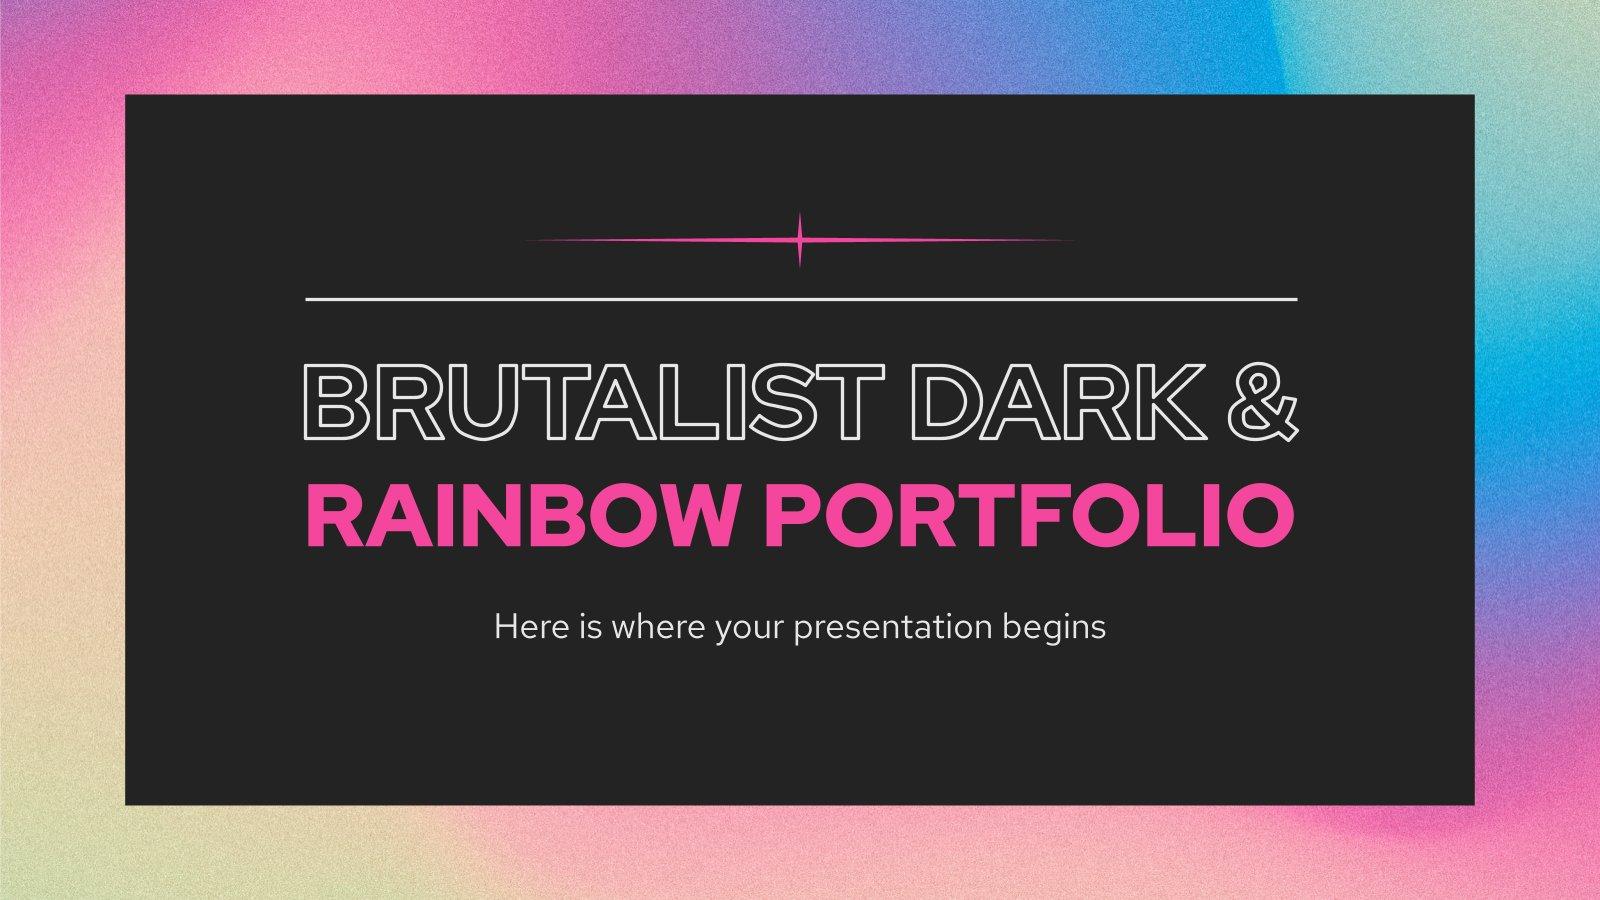 Brutalist Dark & Rainbow Portfolio presentation template